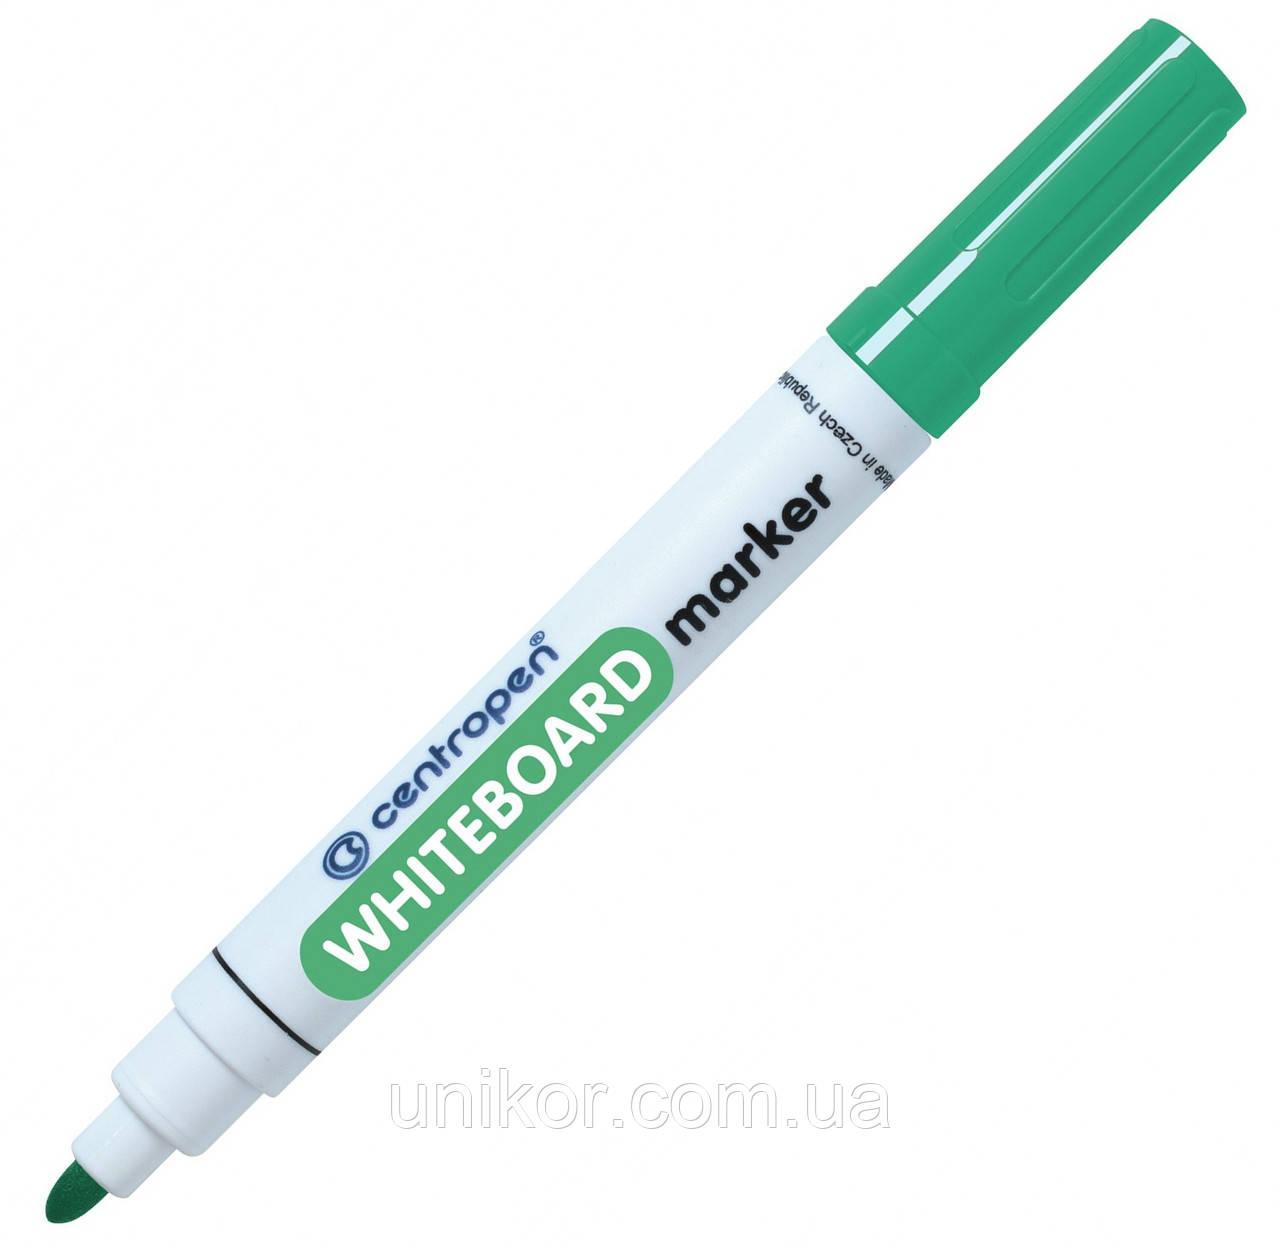 Маркер для сухостираемых досок, 2.5 мм., зеленый. CENTROPEN